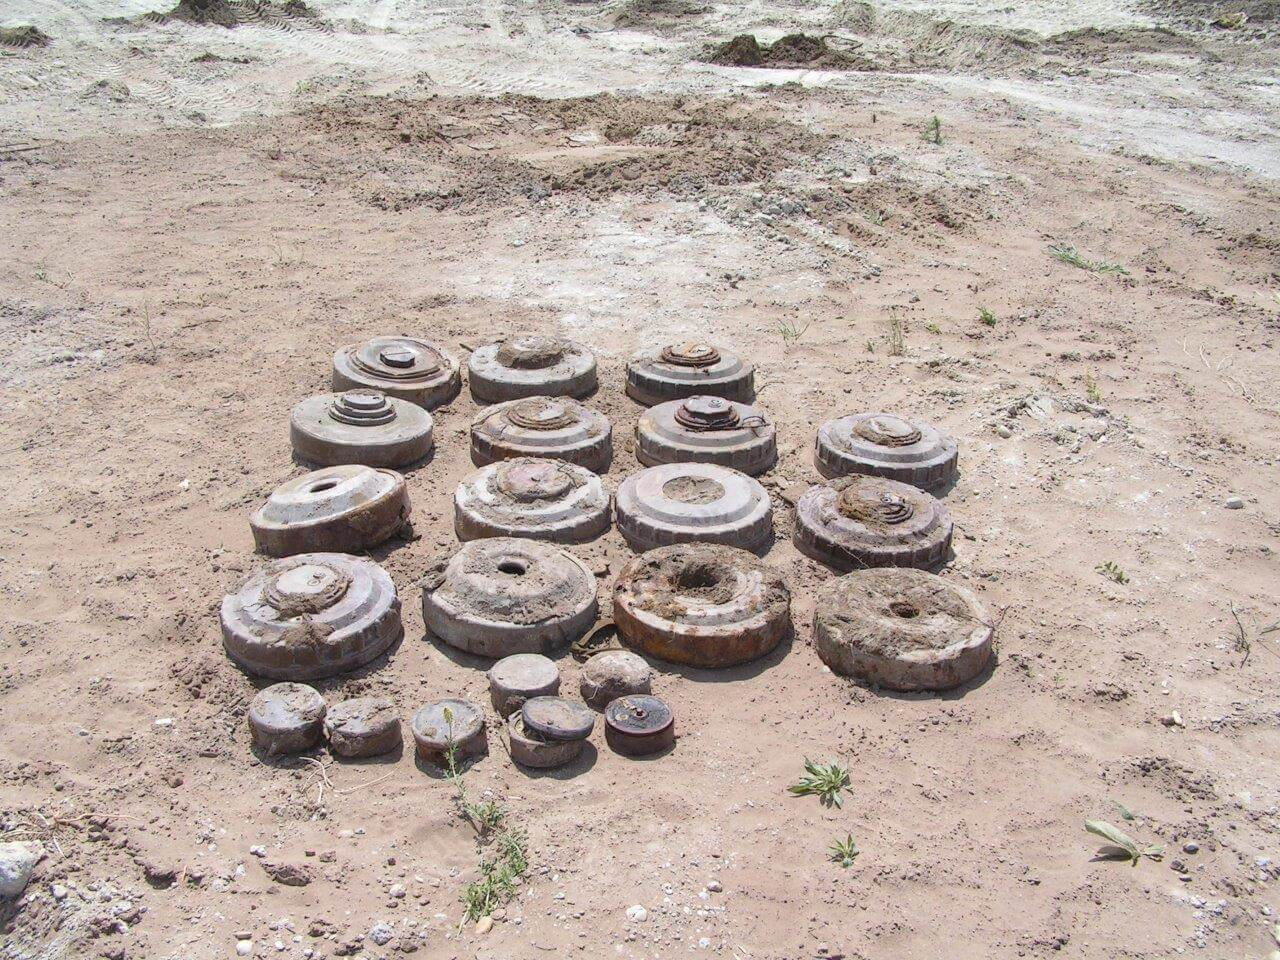 Győr,volt szovjet katonai terület lőszermentesítése során műszerekkel felkutatott, harckocsi és gyalogság elleni aknák